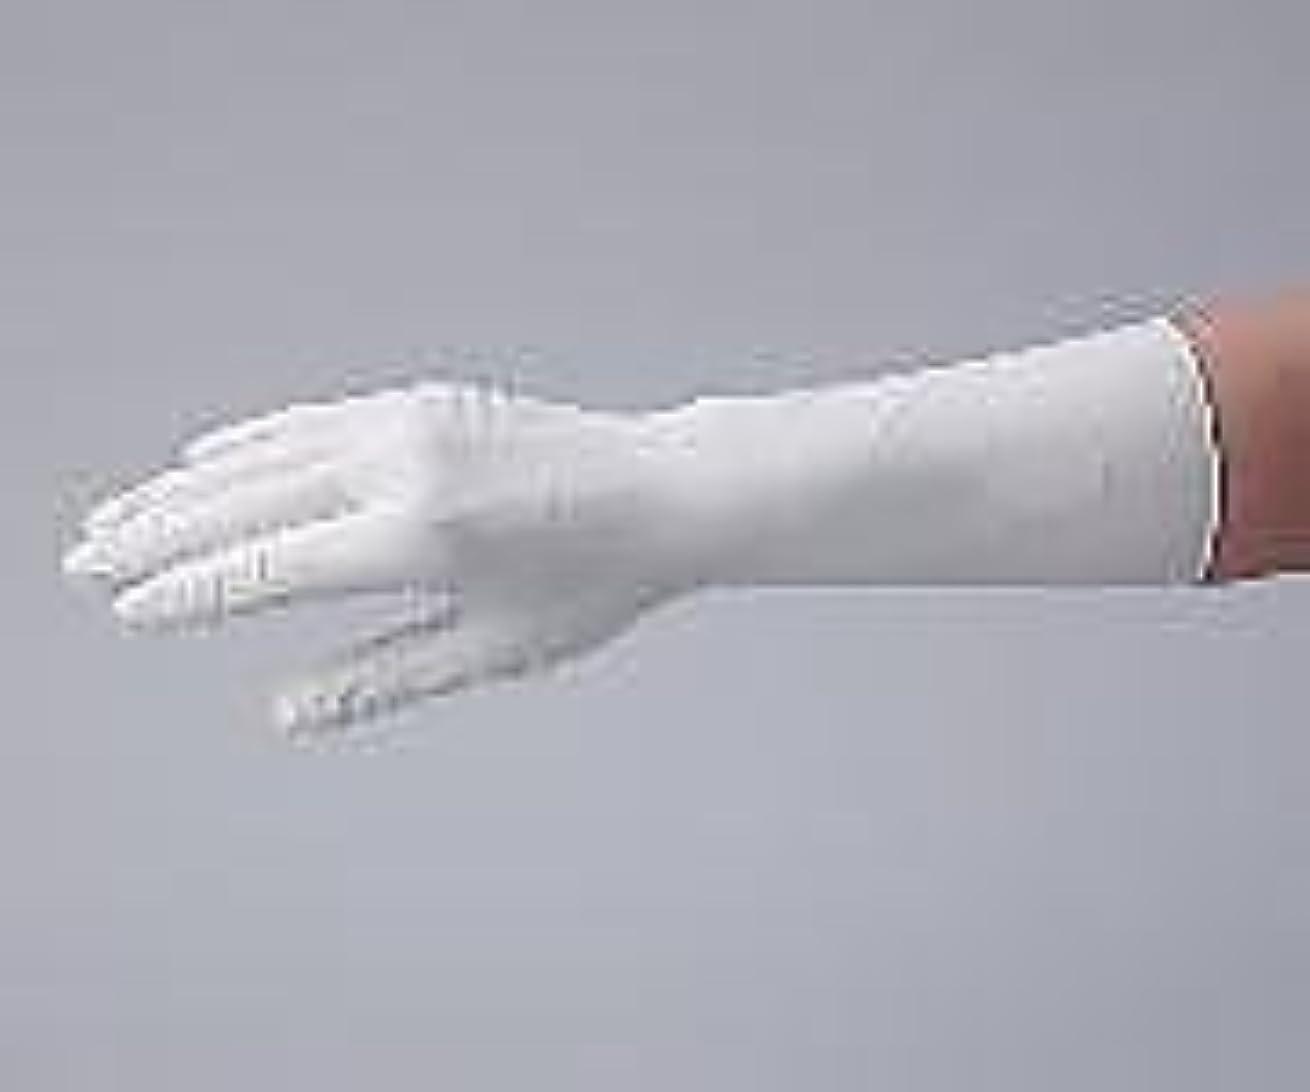 ウール狼検査官アズピュア(アズワン)1-2324-53アズピュアクリーンファーストニトリル手袋(ペアタイプ)クリーンパックM左右各50枚×10袋入